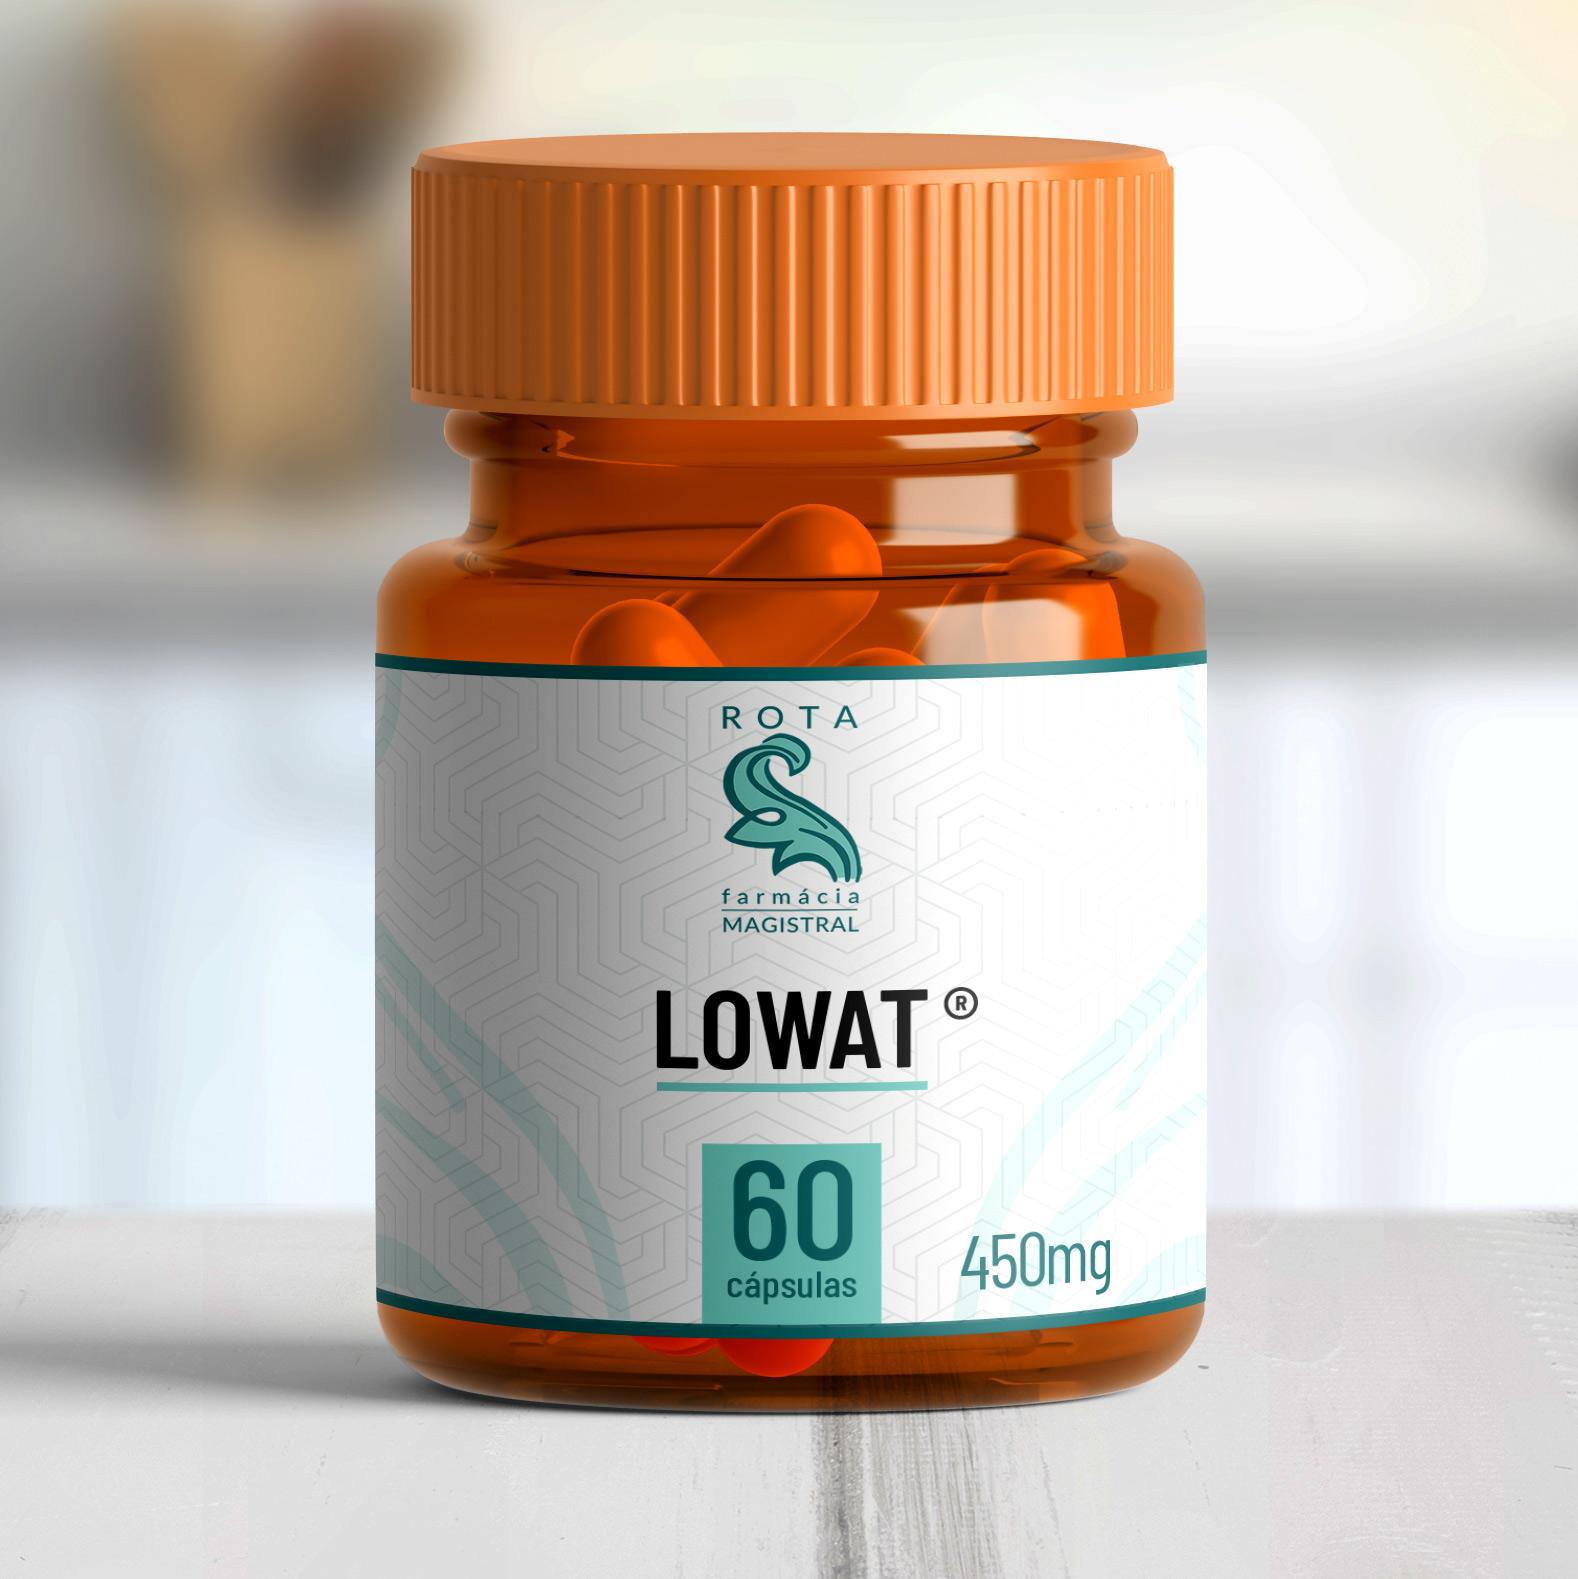 Lowat ® 450mg 60 cápsulas